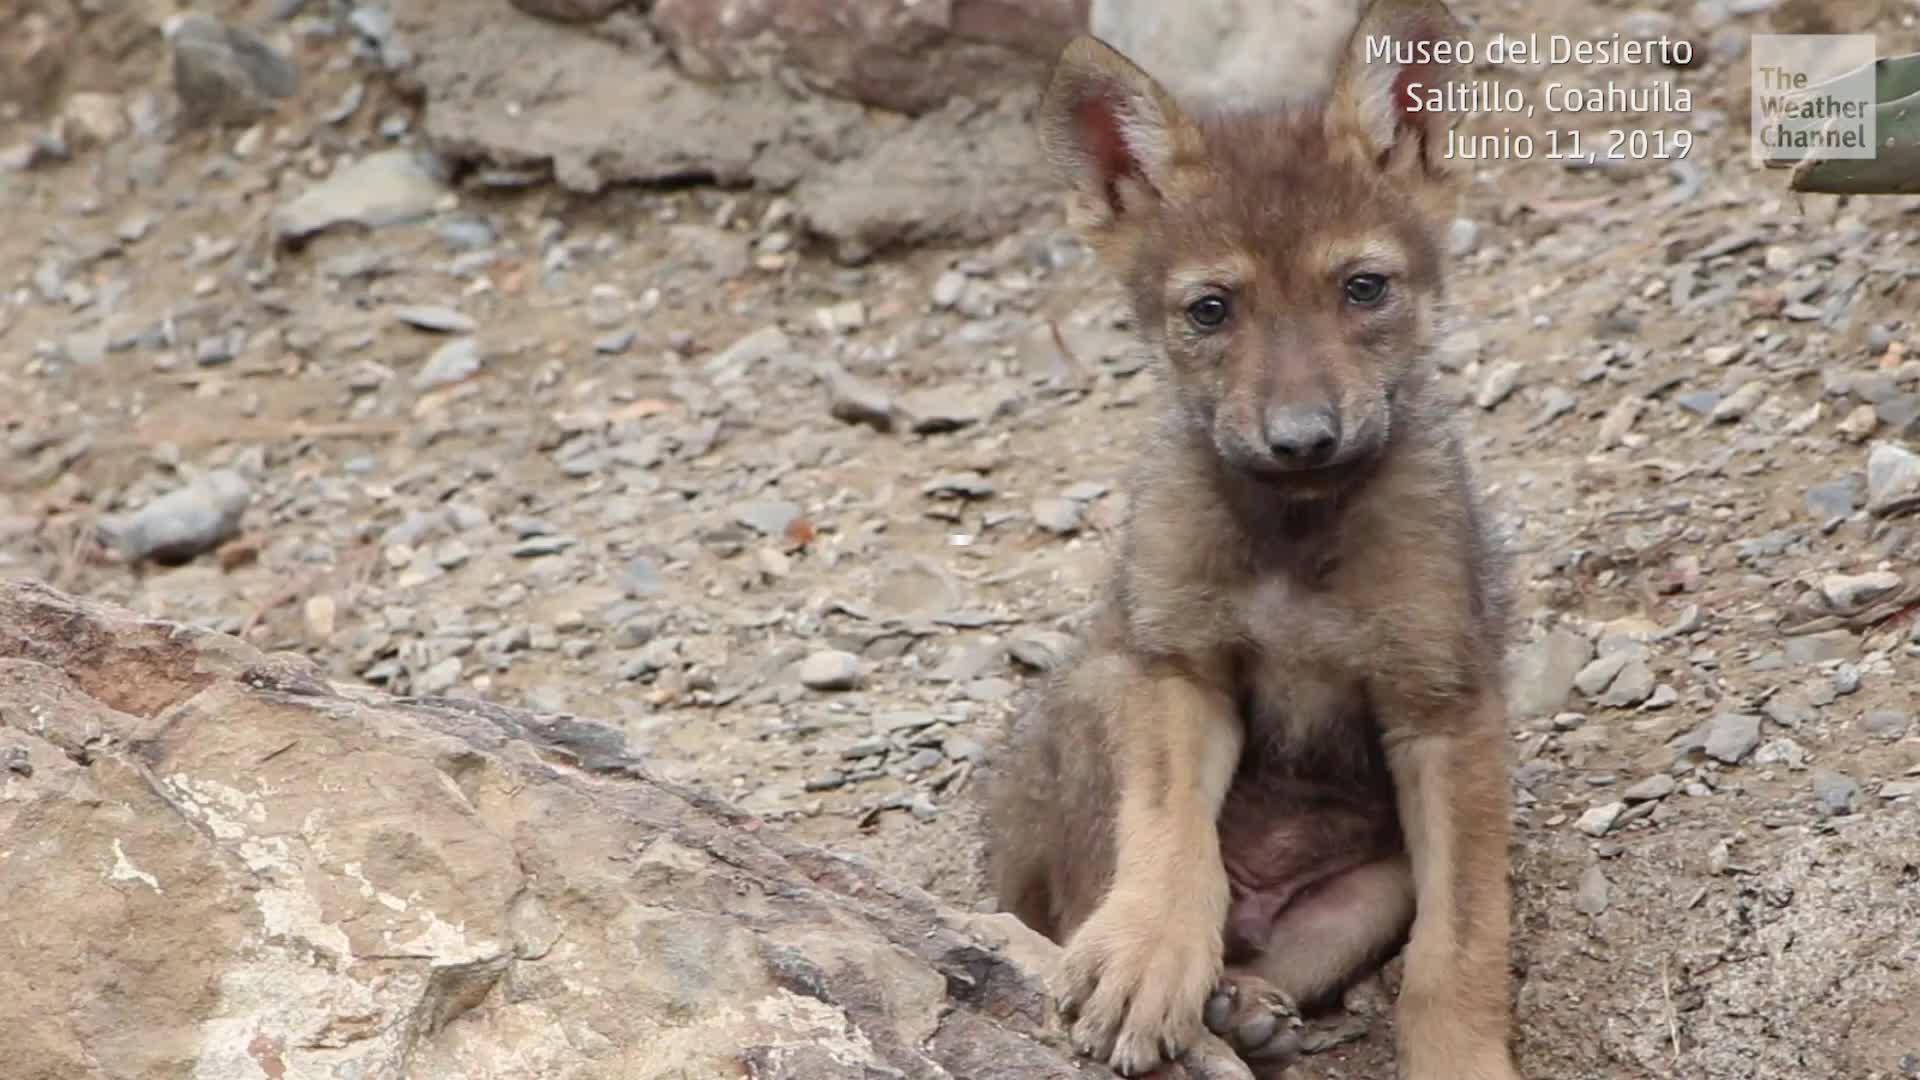 Una camada de tres lobeznos grises mexicanos, de la subespecie Canis lupus baileyi nació en abril de 2019 en el Museo del Desierto de Saltillo, Coahuila, México. Ya que en vida silvestre están extintos, unas 50 entidades binacionales se unieron para revitalizar la población.